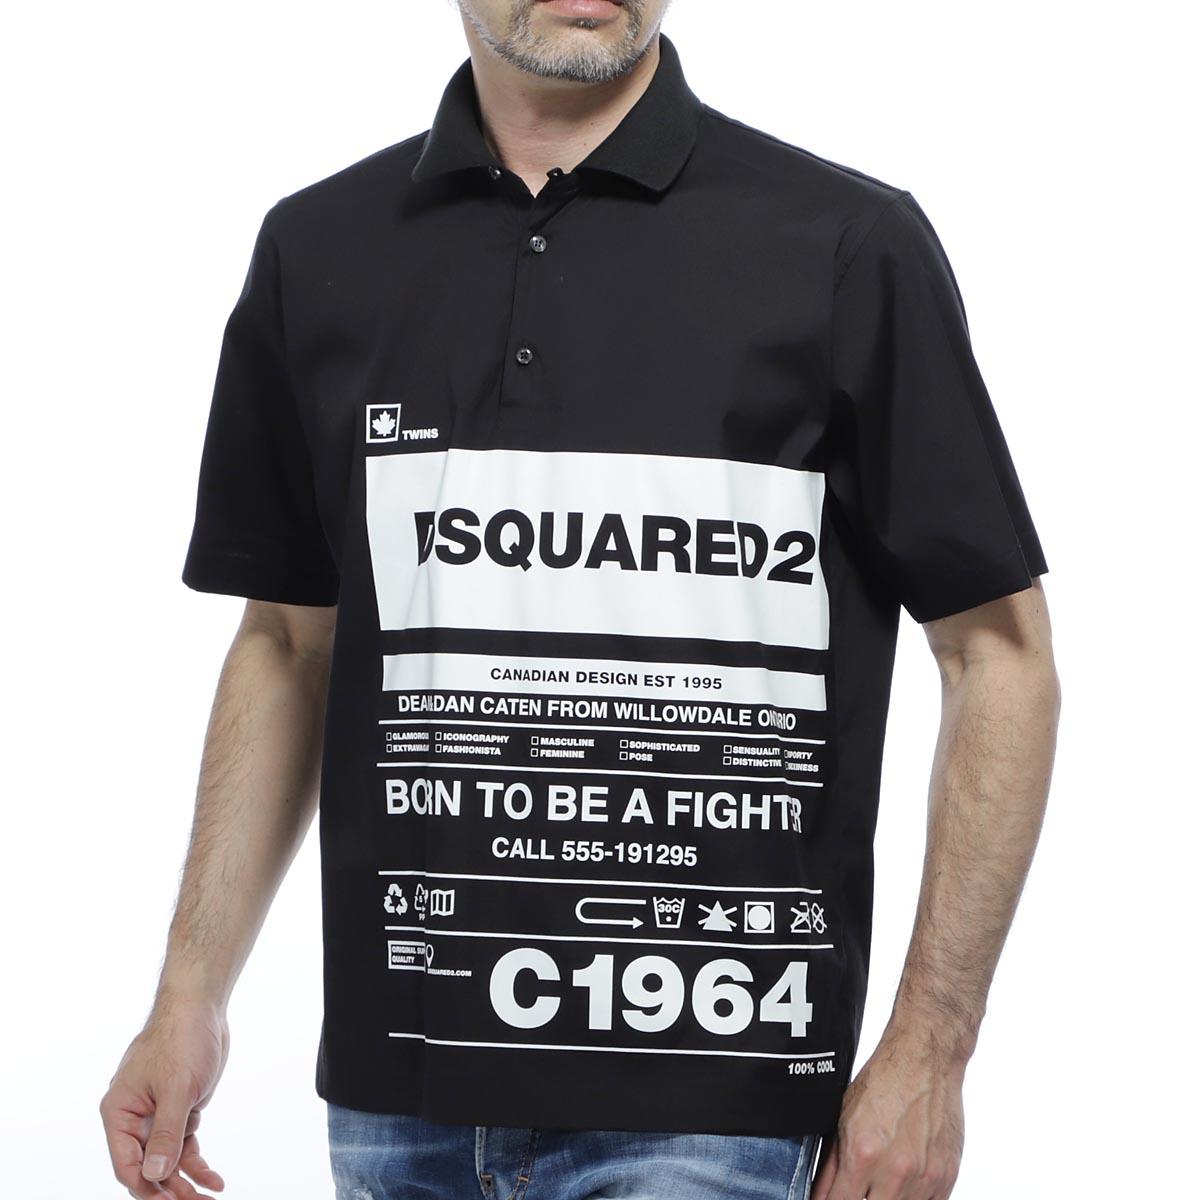 ディースクエアード DSQUARED2 プルオーバーシャツ ブラック メンズ コットン 綿 半袖 s74dm0390 s44131 900 C1964【あす楽対応_関東】【返品送料無料】【ラッピング無料】